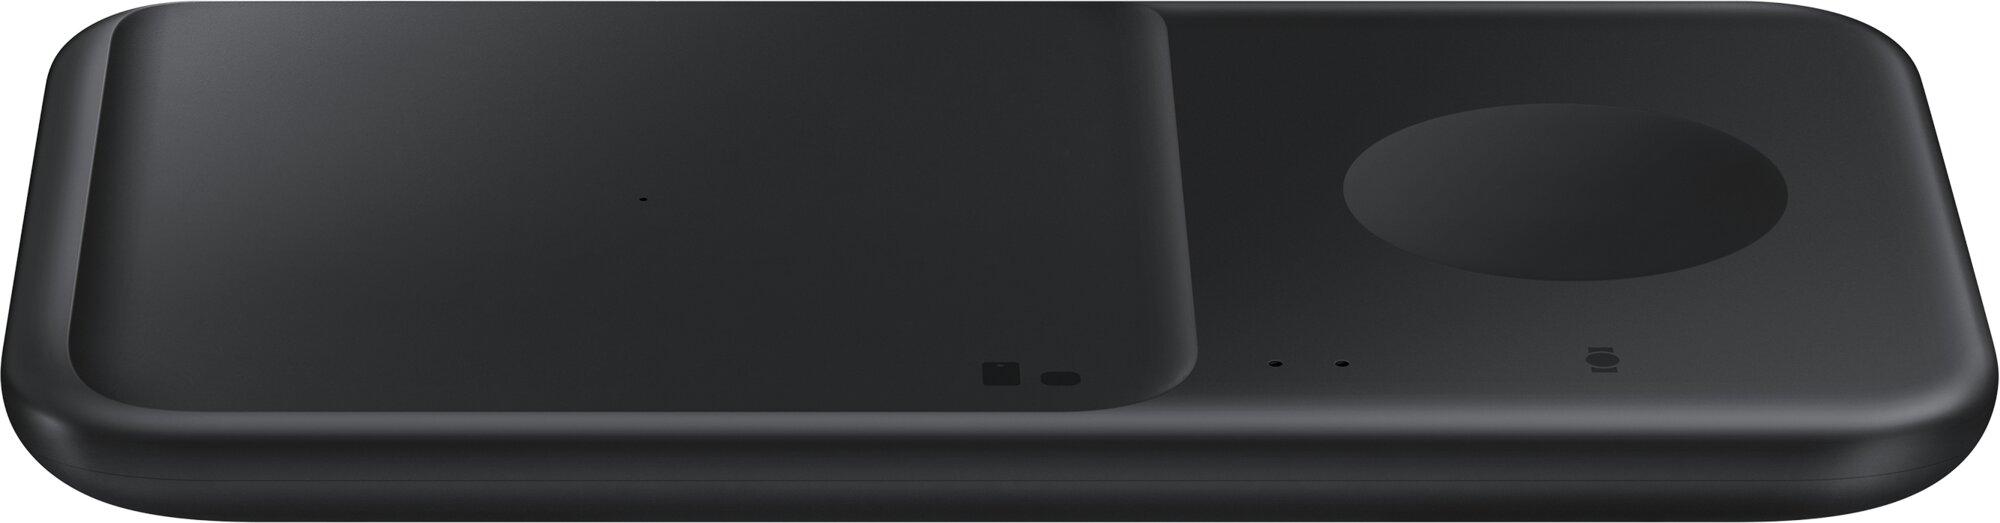 Samsung Duální bezdrátová nabíječka, bez kabelu v balení, Black